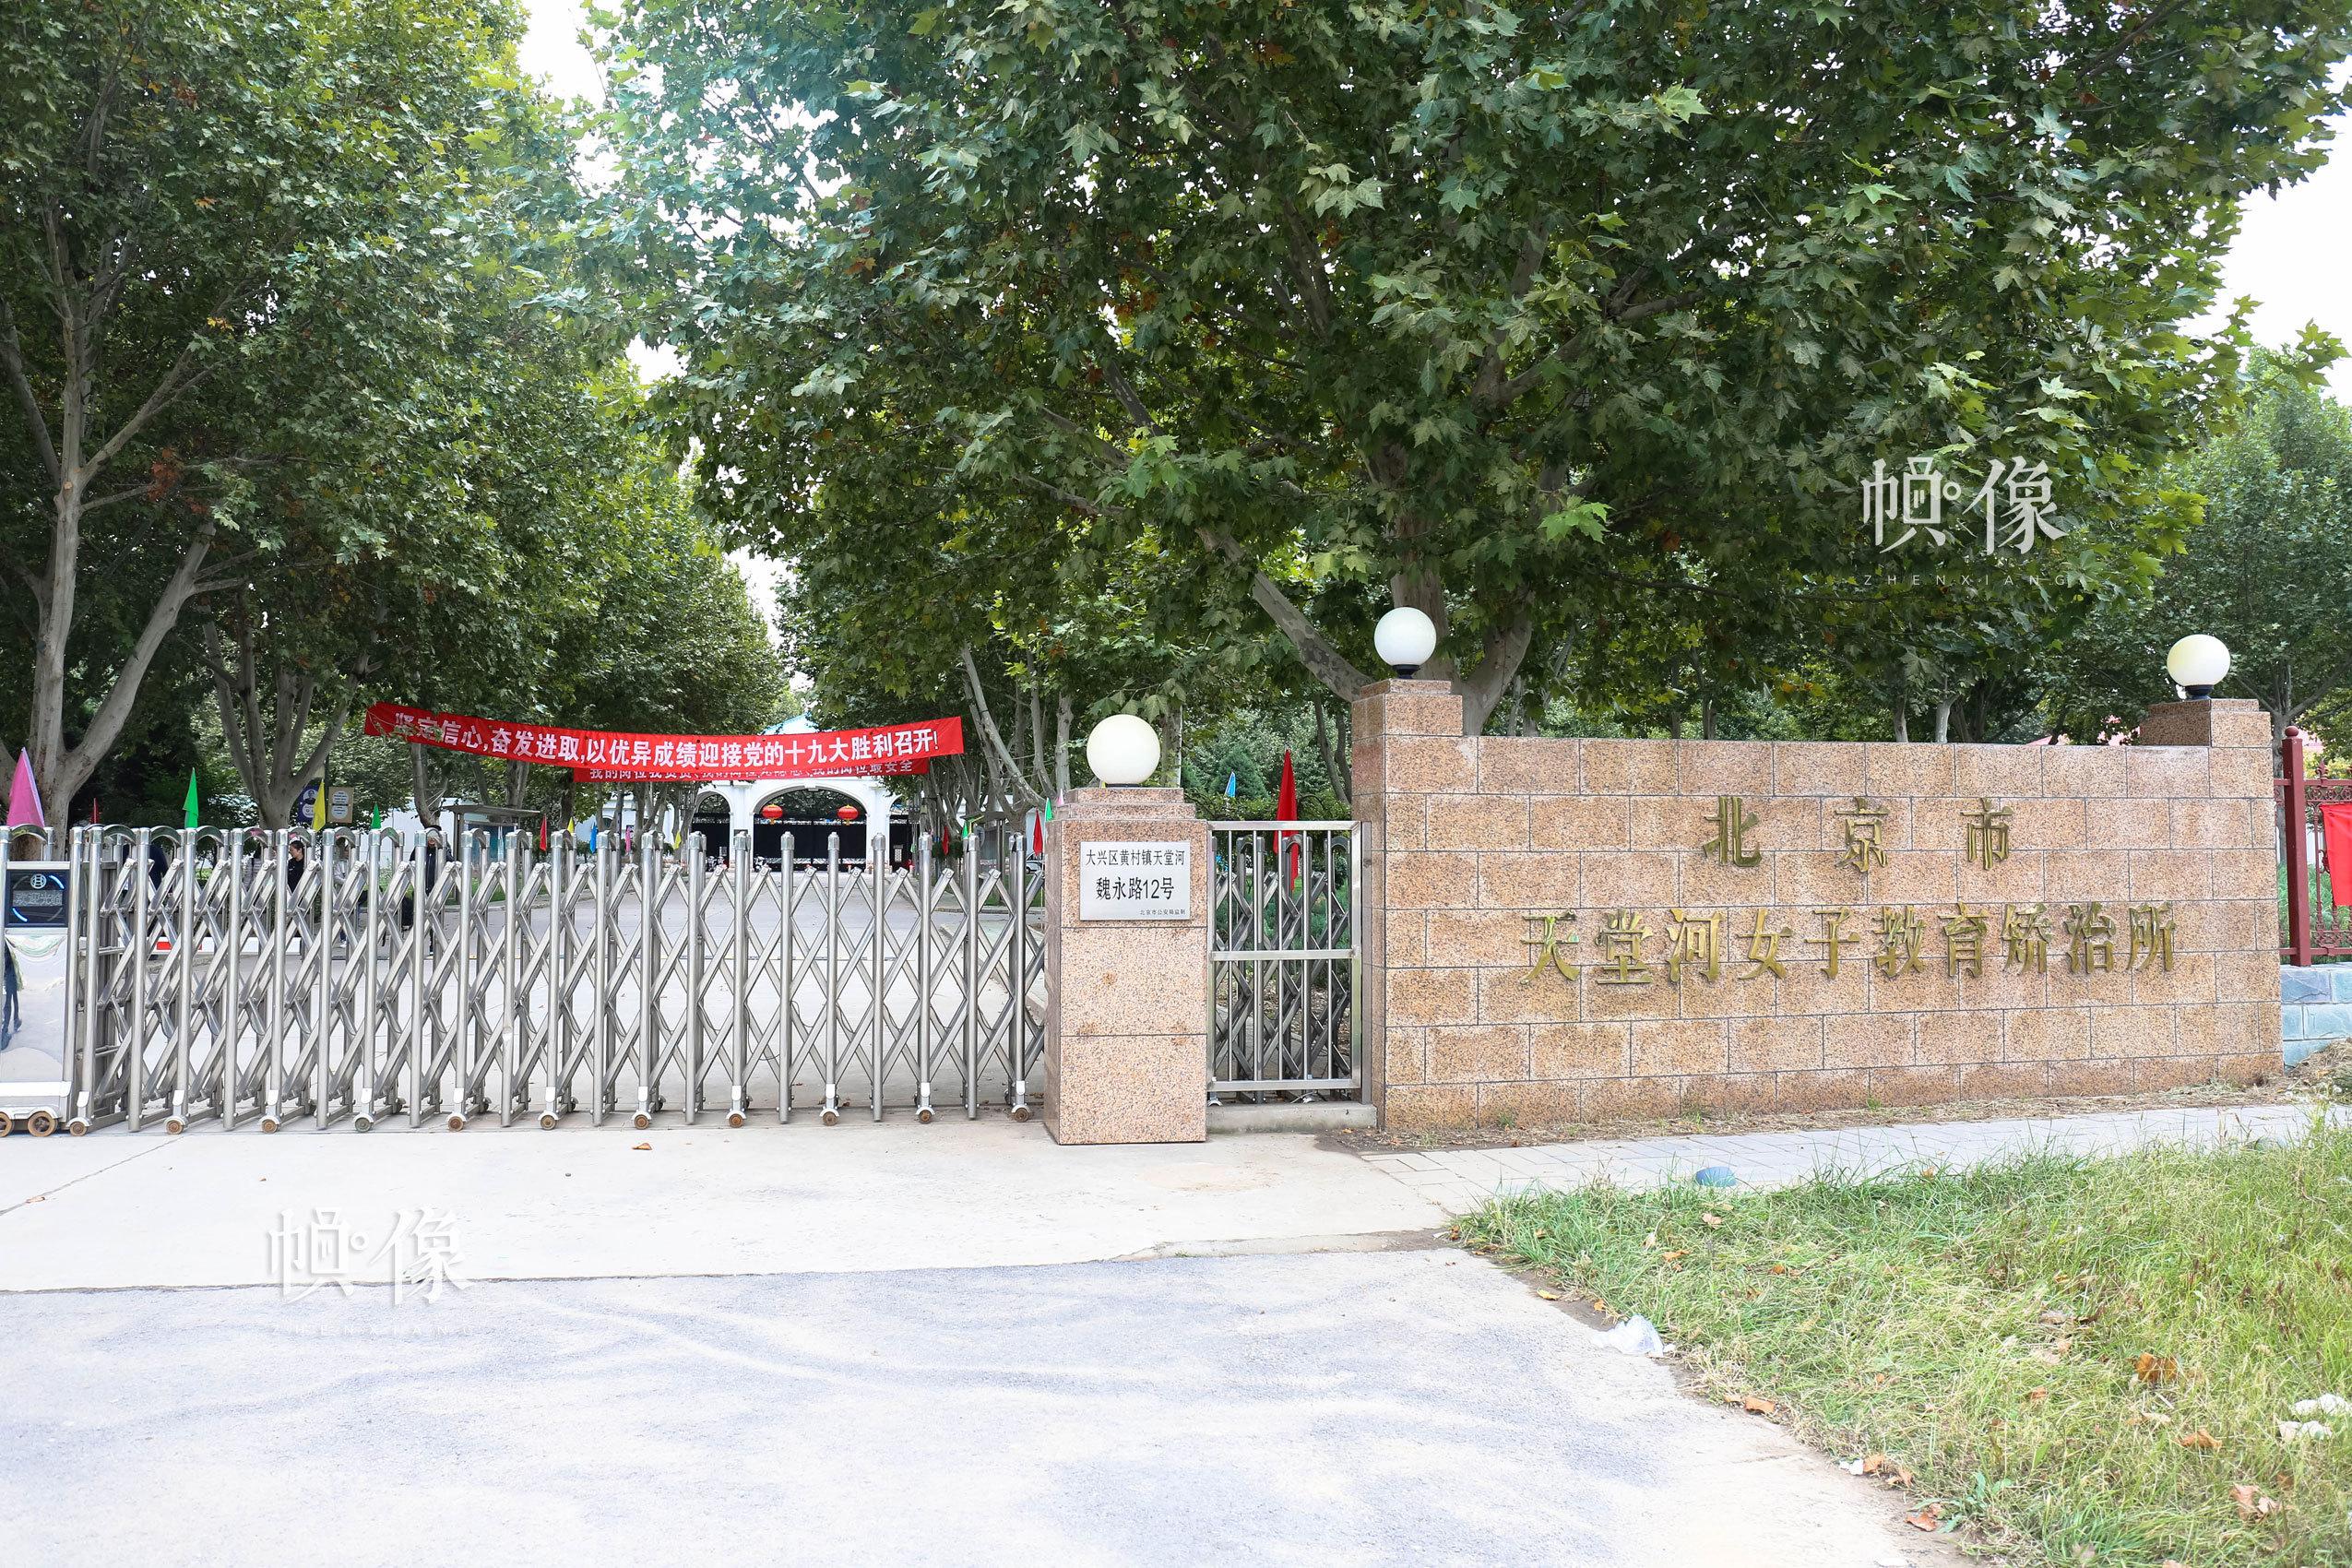 北京市天堂河女子教育矫治所大门。中国网记者 赵超 摄